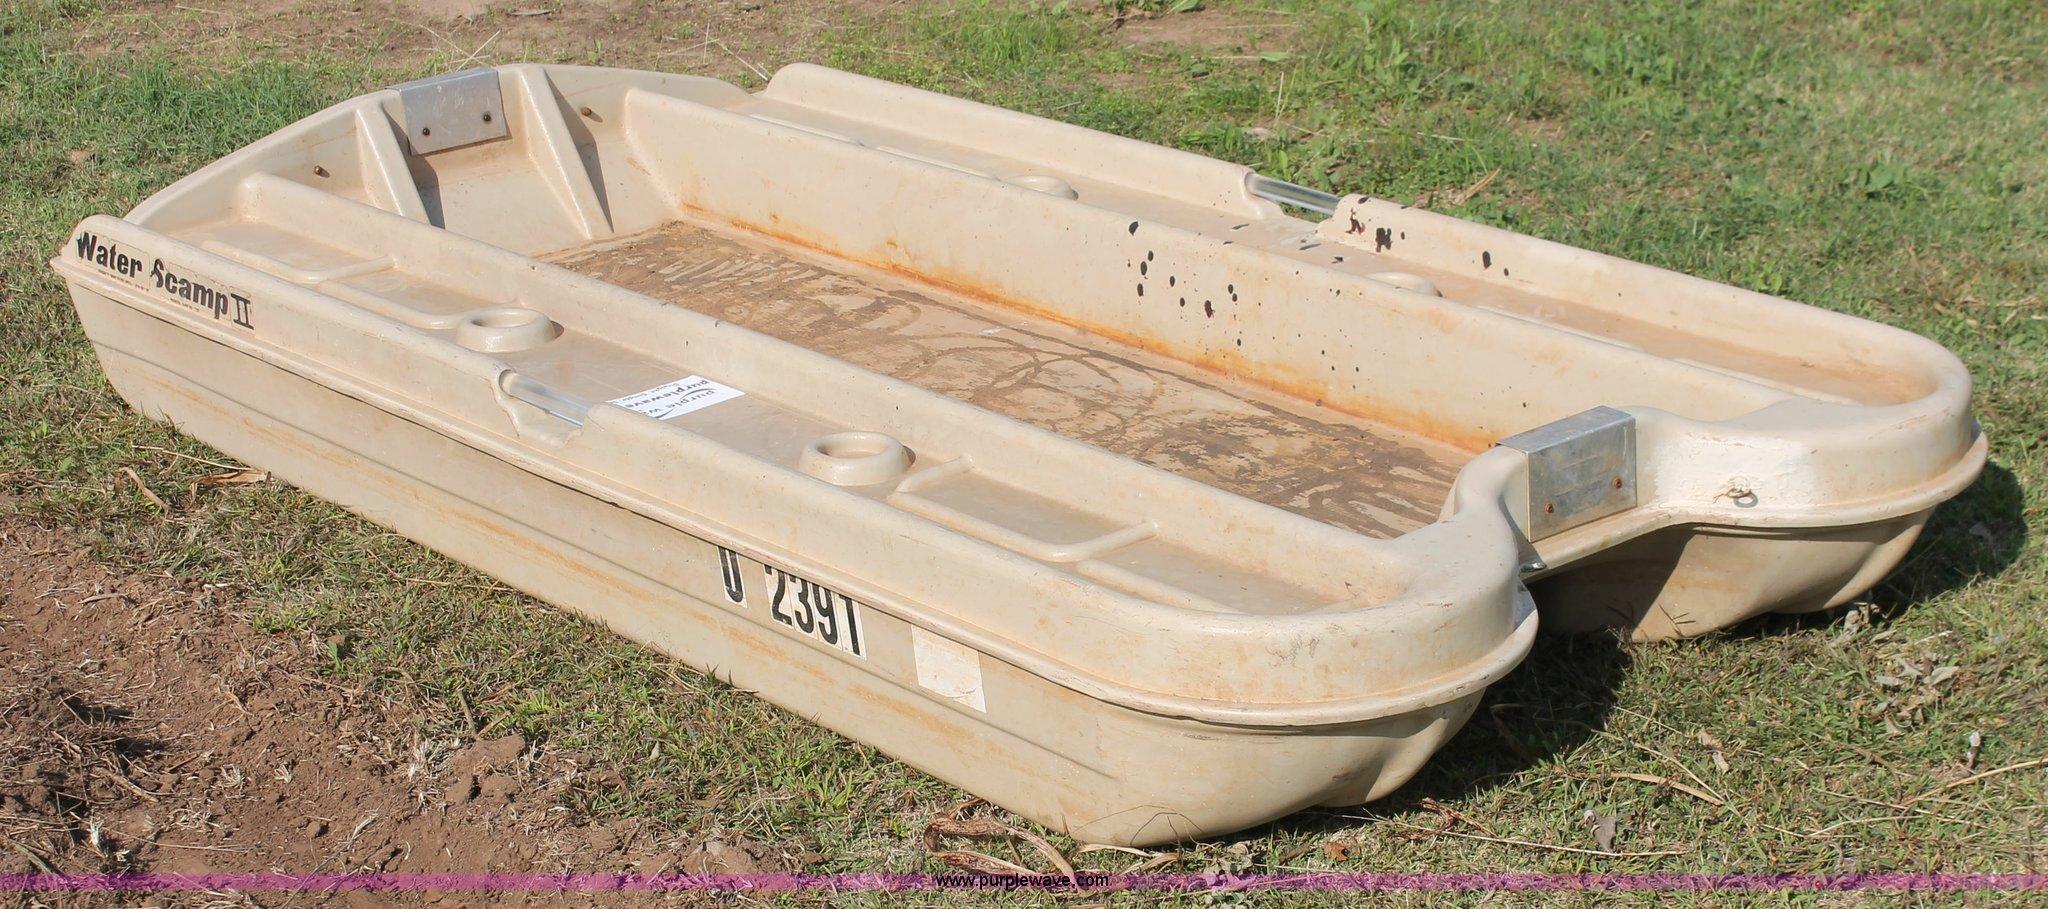 Water Scamp 2 Man Boat Off 79 Medpharmres Com